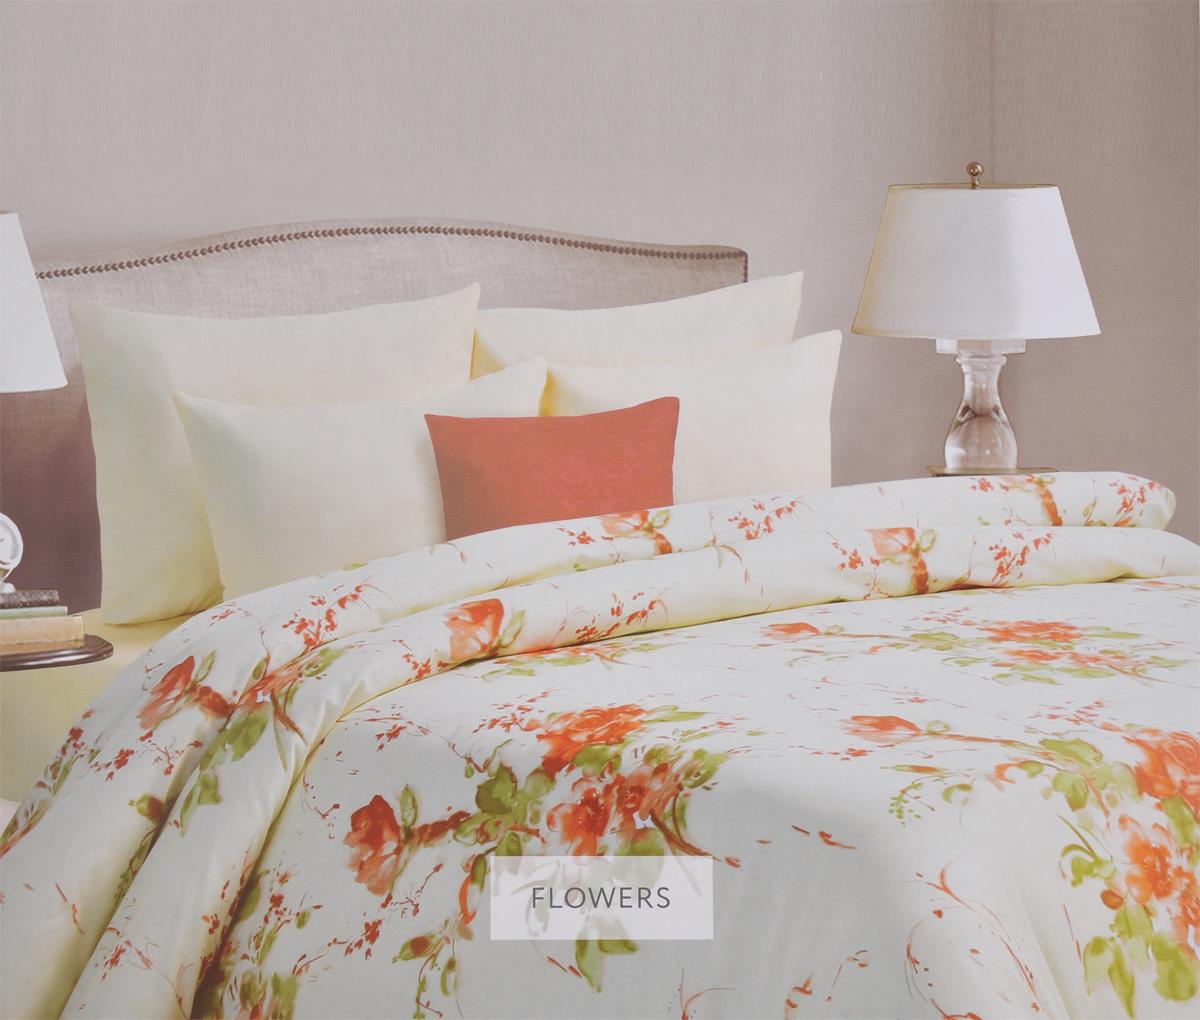 Комплект белья Mona Liza Flowers, 1,5-спальный, наволочки 50х70, цвет: бежевый, светло-зеленый. 561116/6561116/6Комплект белья Mona Liza Flowers, выполненный из батиста (100% хлопок), состоит из пододеяльника, простыни и двух наволочек. Изделия оформлены красивым цветочным рисунком. Батист - тонкая, легкая, полупрозрачная натуральная ткань полотняного переплетения. Батист, несомненно, является одной из самых аристократичных и совершенных тканей. Он отличается нежностью, трепетной утонченностью и изысканностью. Ткань с незначительной сминаемостью, хорошо сохраняющая цвет при стирке, легкая, с прекрасными гигиеническими показателями. В комплект входит: Пододеяльник - 1 шт. Размер: 145 см х 210 см. Простыня - 1 шт. Размер: 150 см х 215 см. Наволочка - 2 шт. Размер: 50 см х 70 см. Рекомендации по уходу: - Ручная и машинная стирка 40°С, - Гладить при температуре не более 150°С, - Не использовать хлорсодержащие средства, - Щадящая сушка, - Не подвергать химчистке.